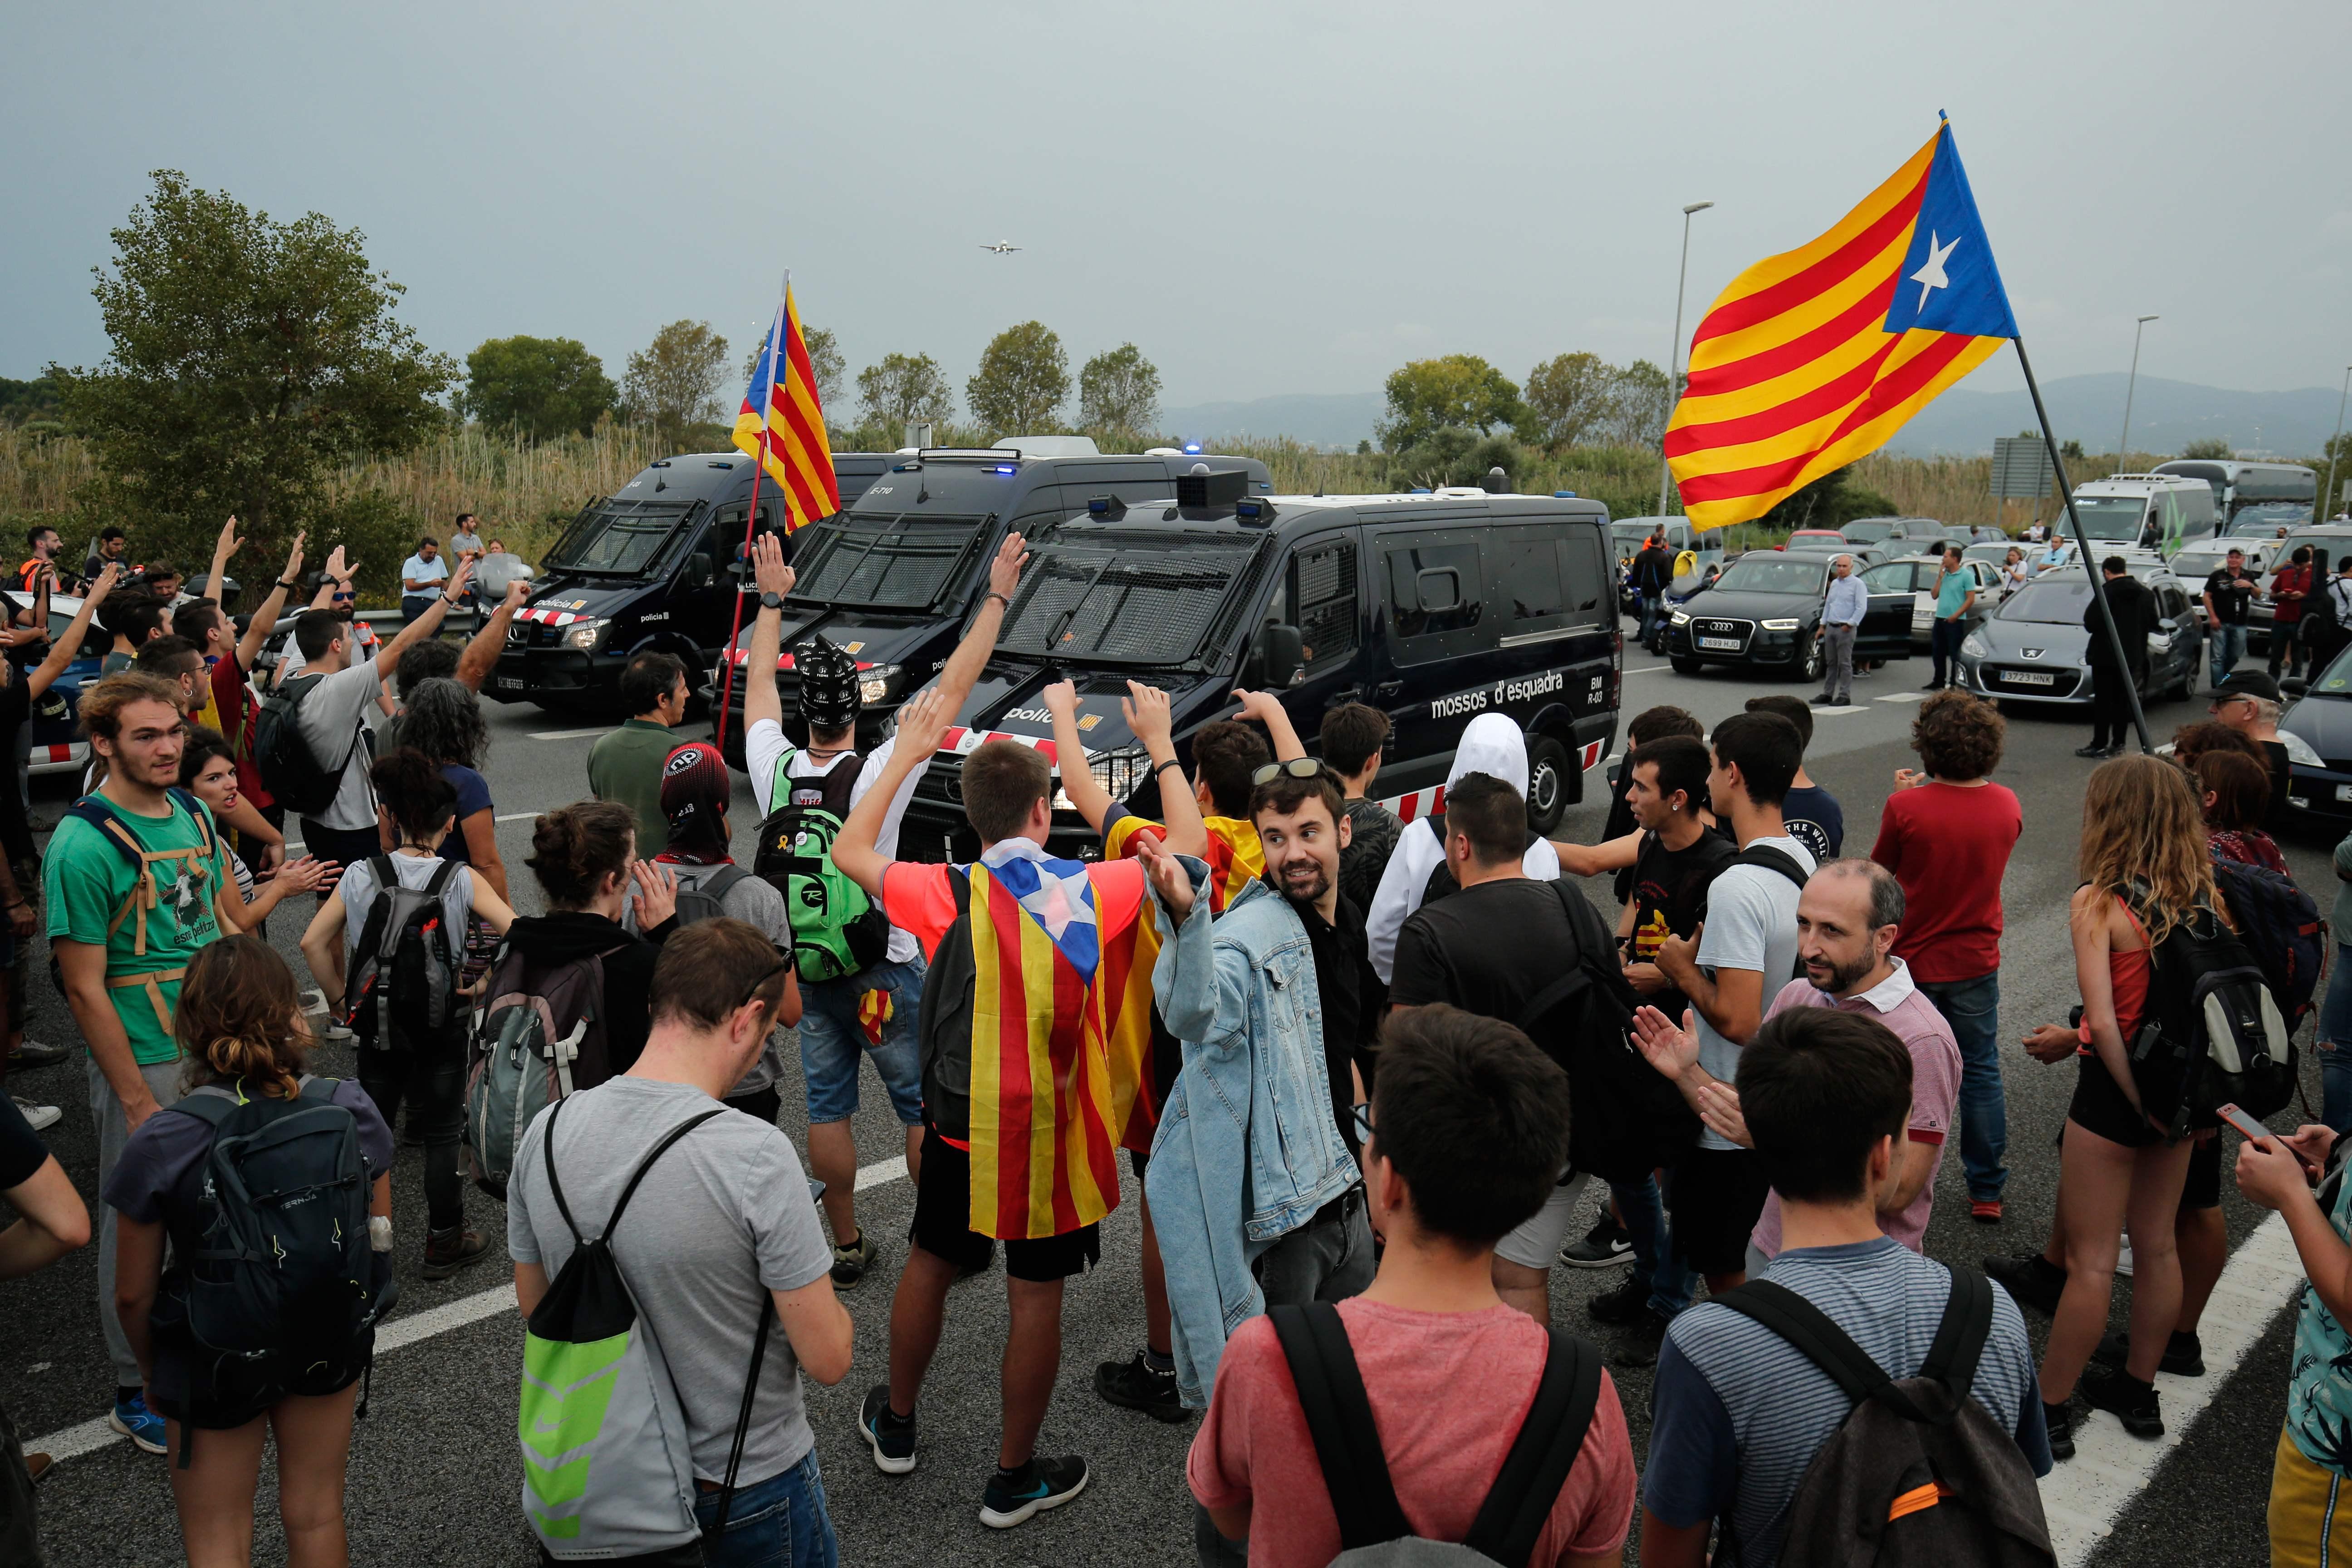 Colapso en el aeropuerto de Barcelona por la sentencia del 'procés'